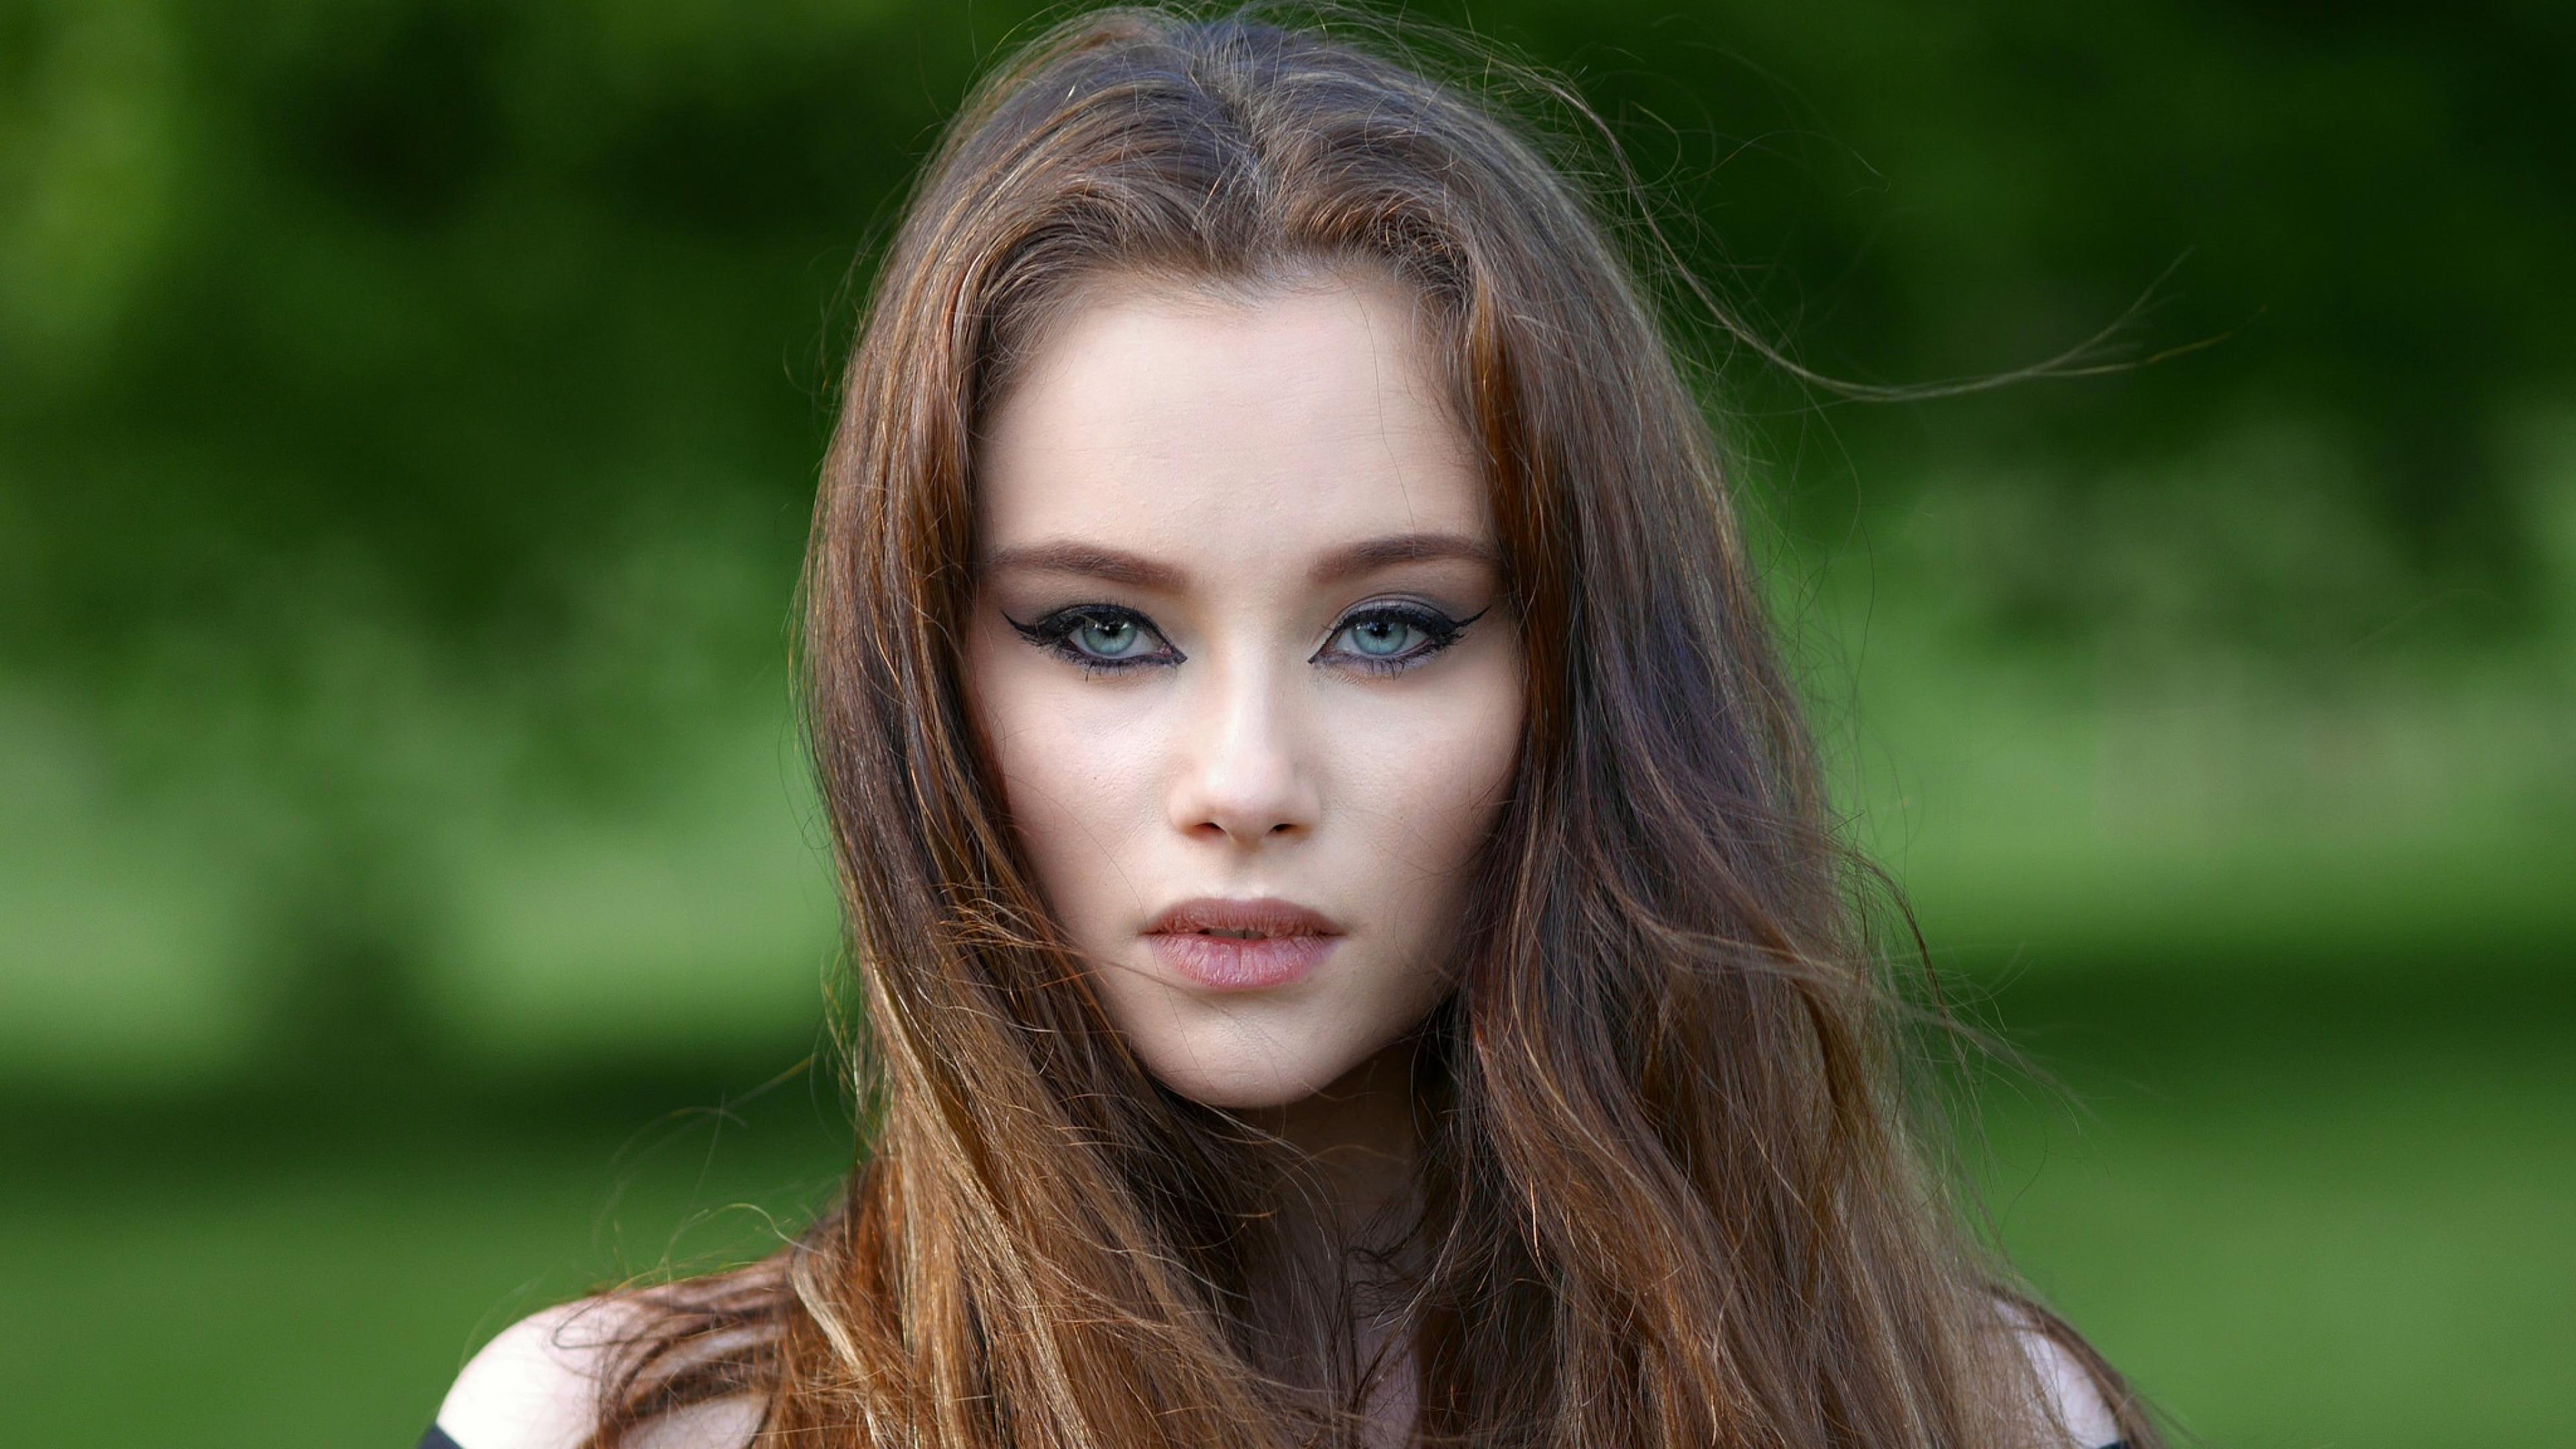 портфолио самых красивых девушек фото желающий